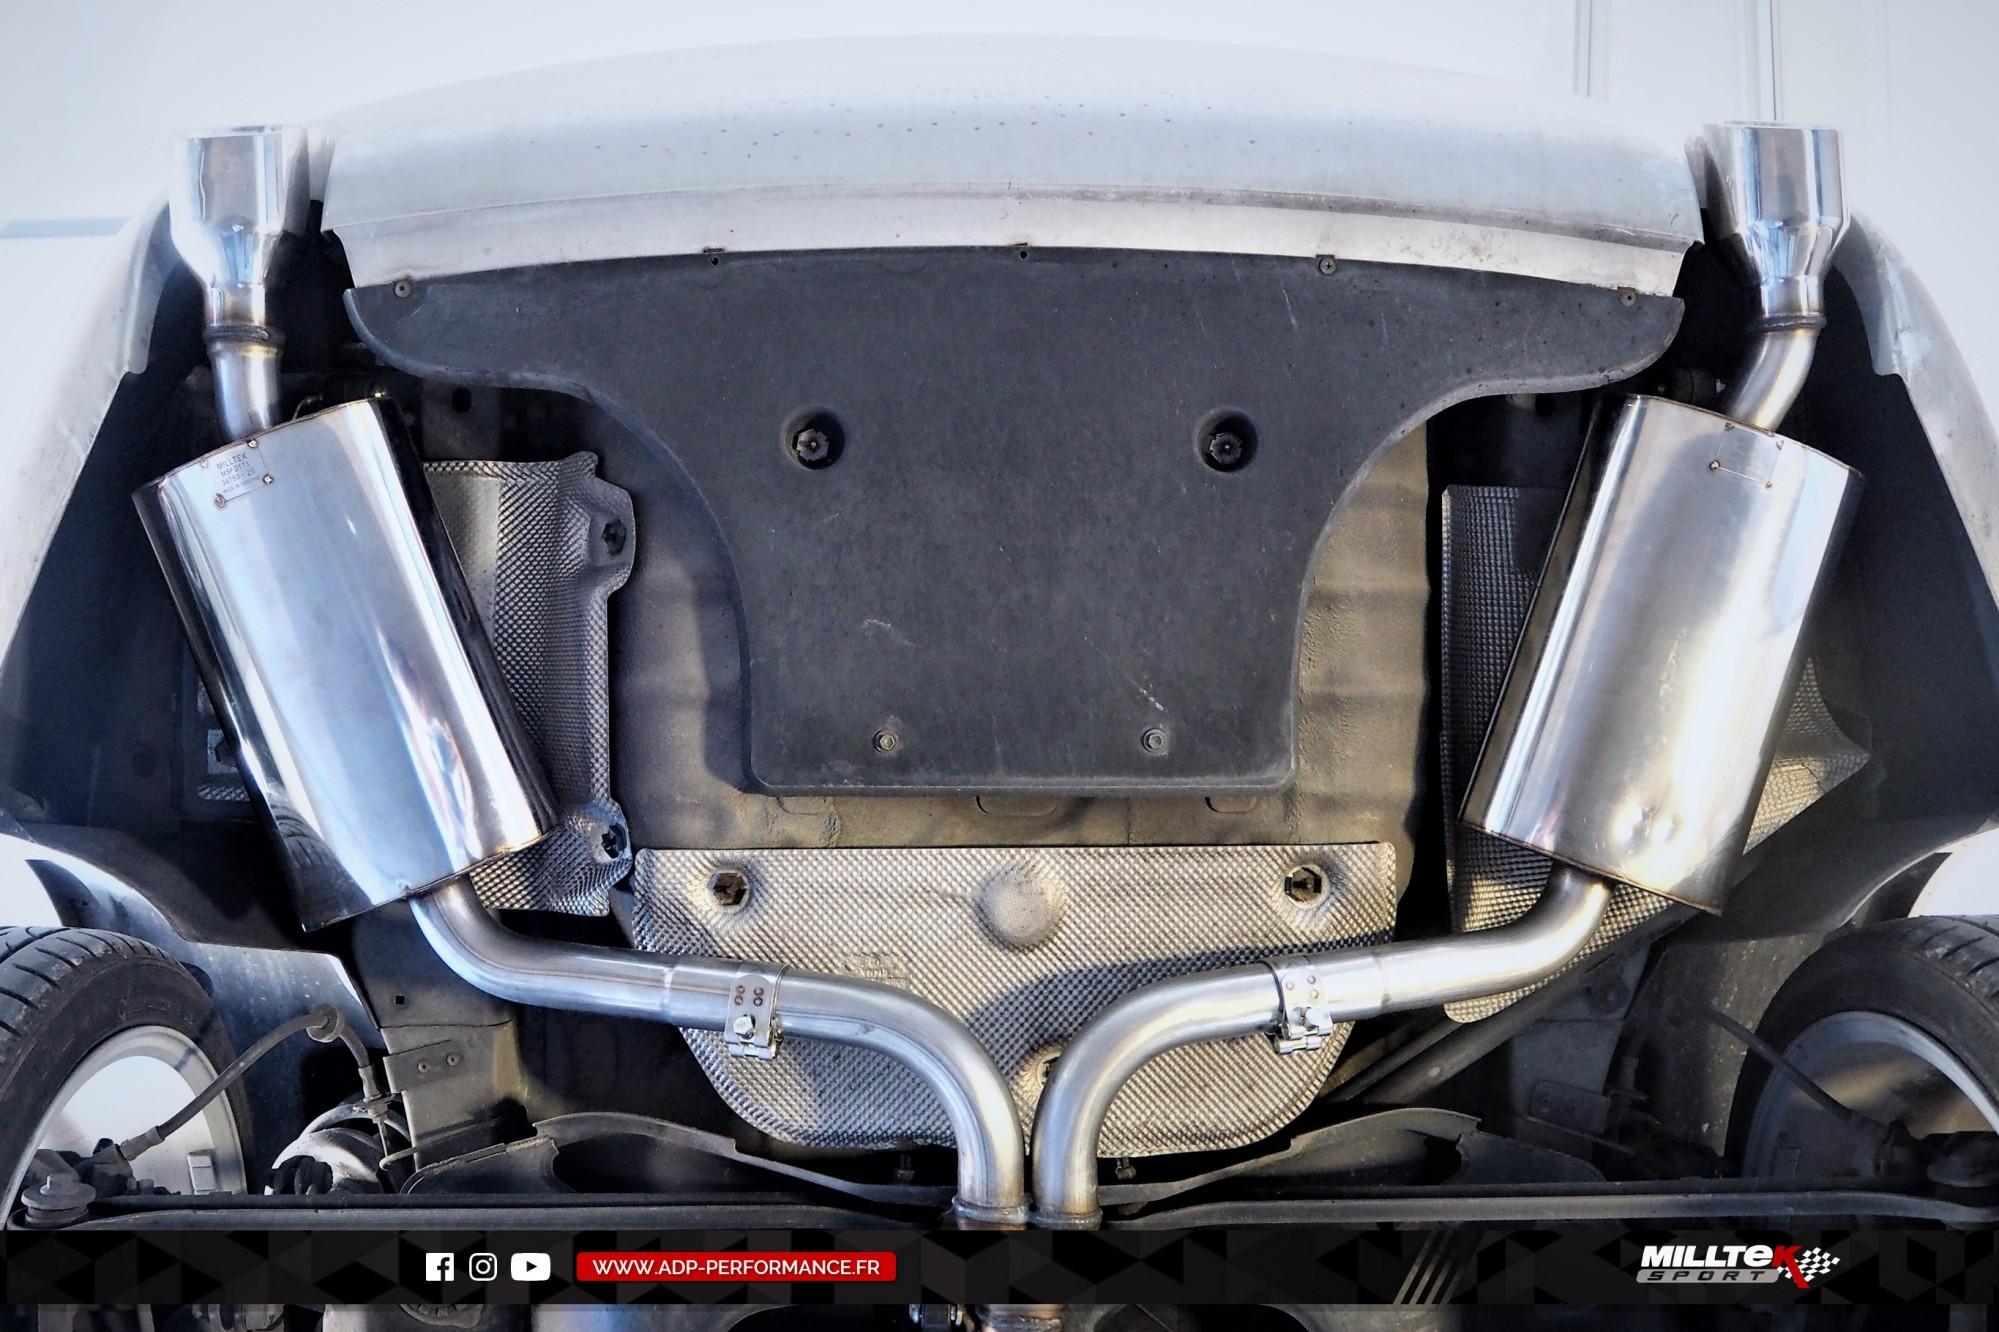 Ligne d'échappement (cat-back) Milltek Les Pennes Mirabeau - Ford Mondeo ST220 - ADP Performance